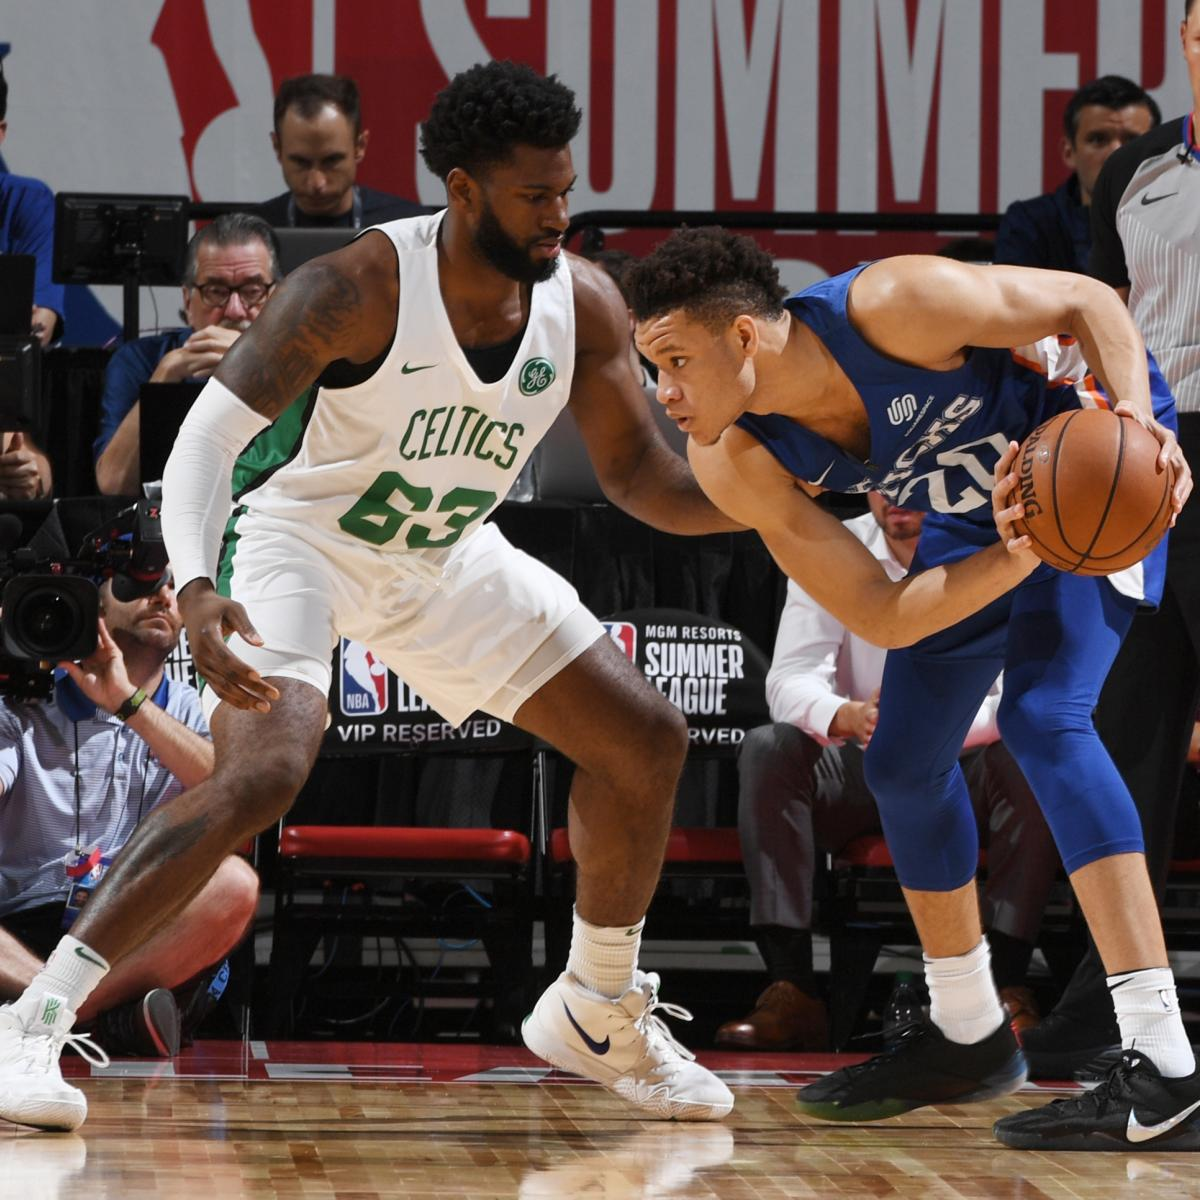 NBA Summer League: Kevin Knox Lackluster in Loss vs. Celtics